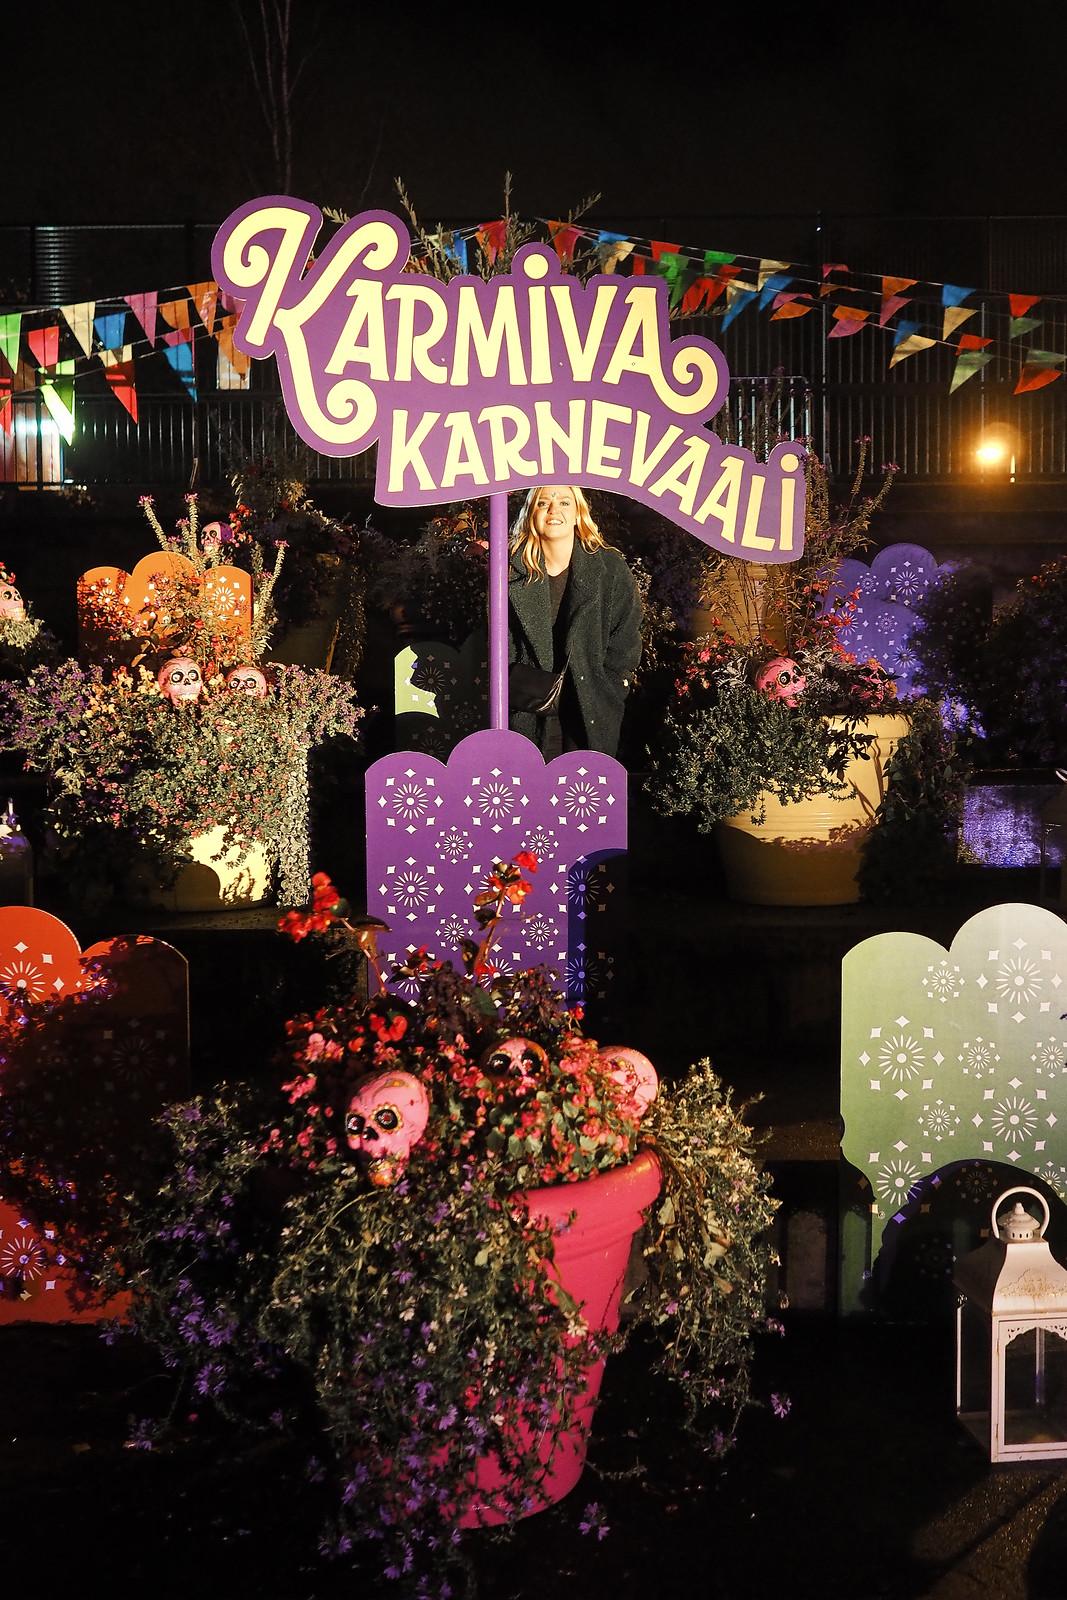 karmiva karnevaali 2020